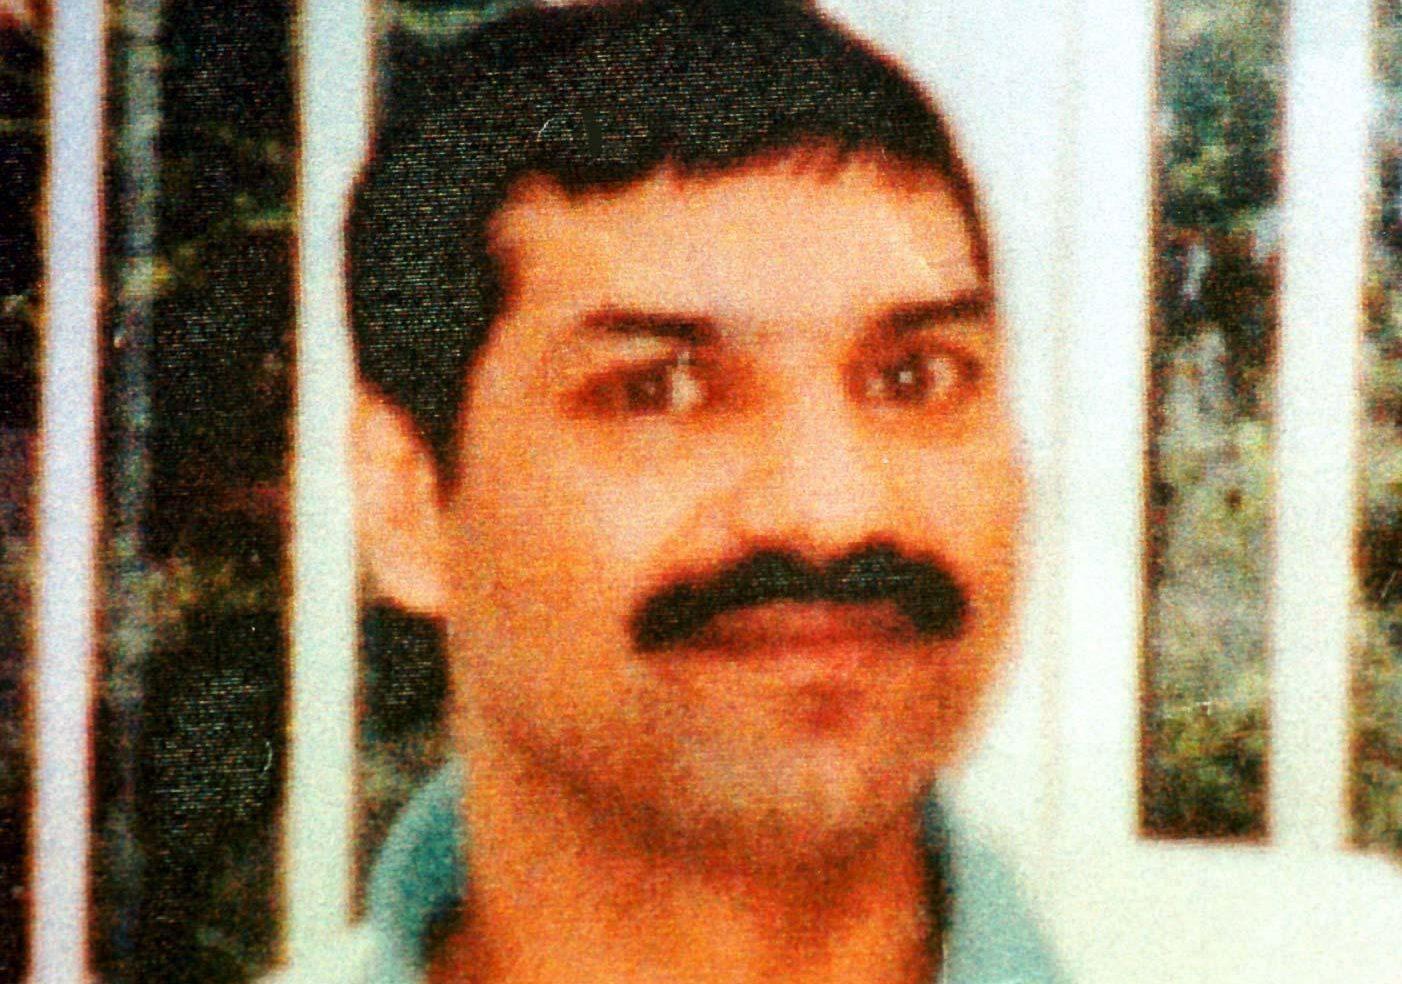 Surjit Singh Chhoka (PA/PA Wire)